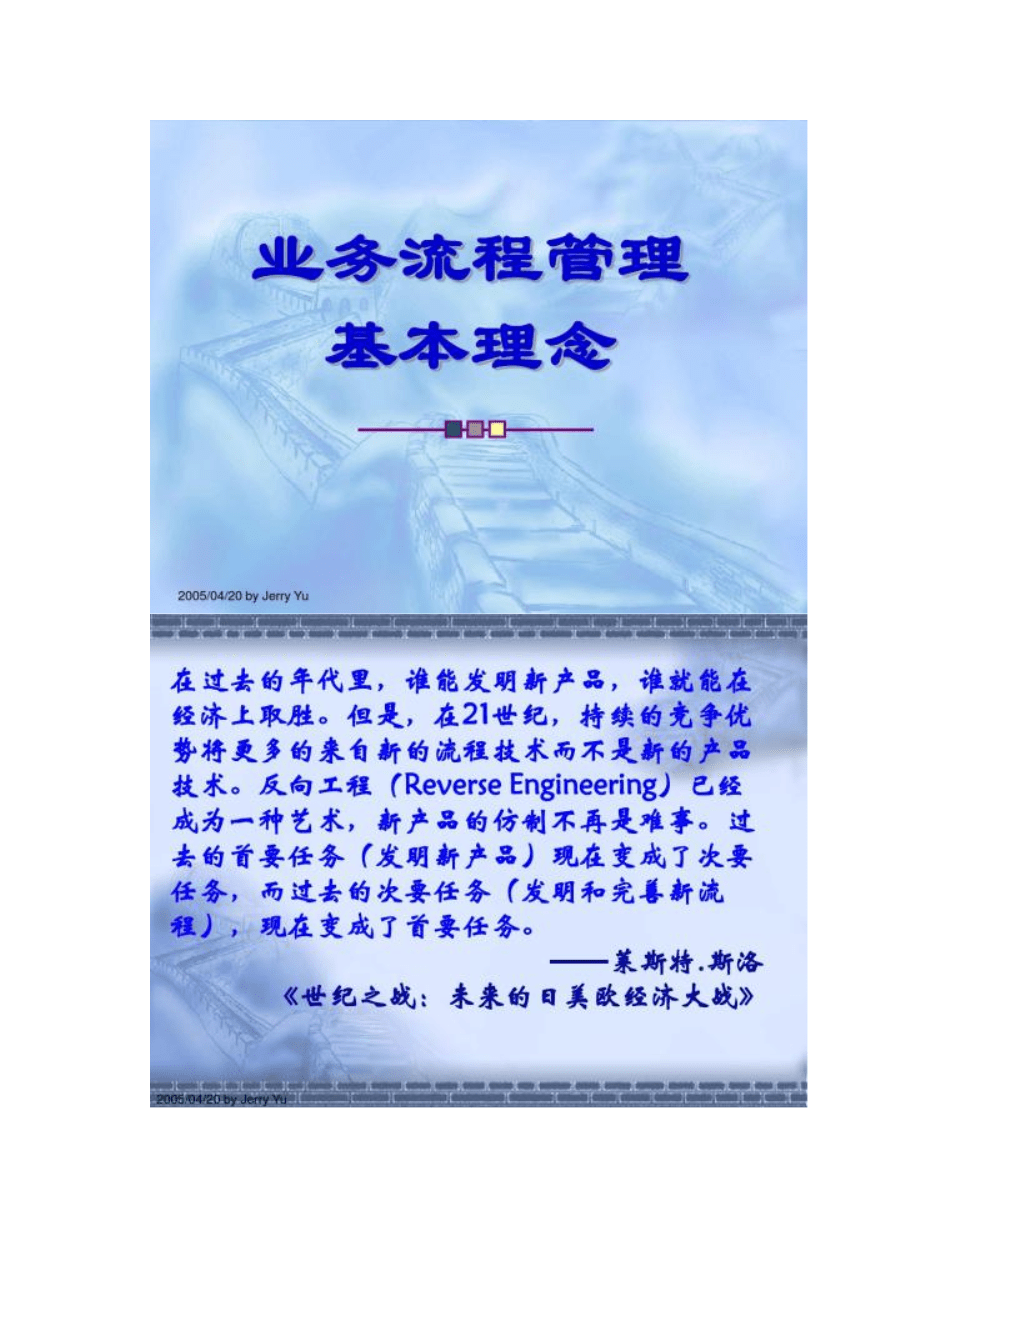 【图文】流程基本概念介绍.doc